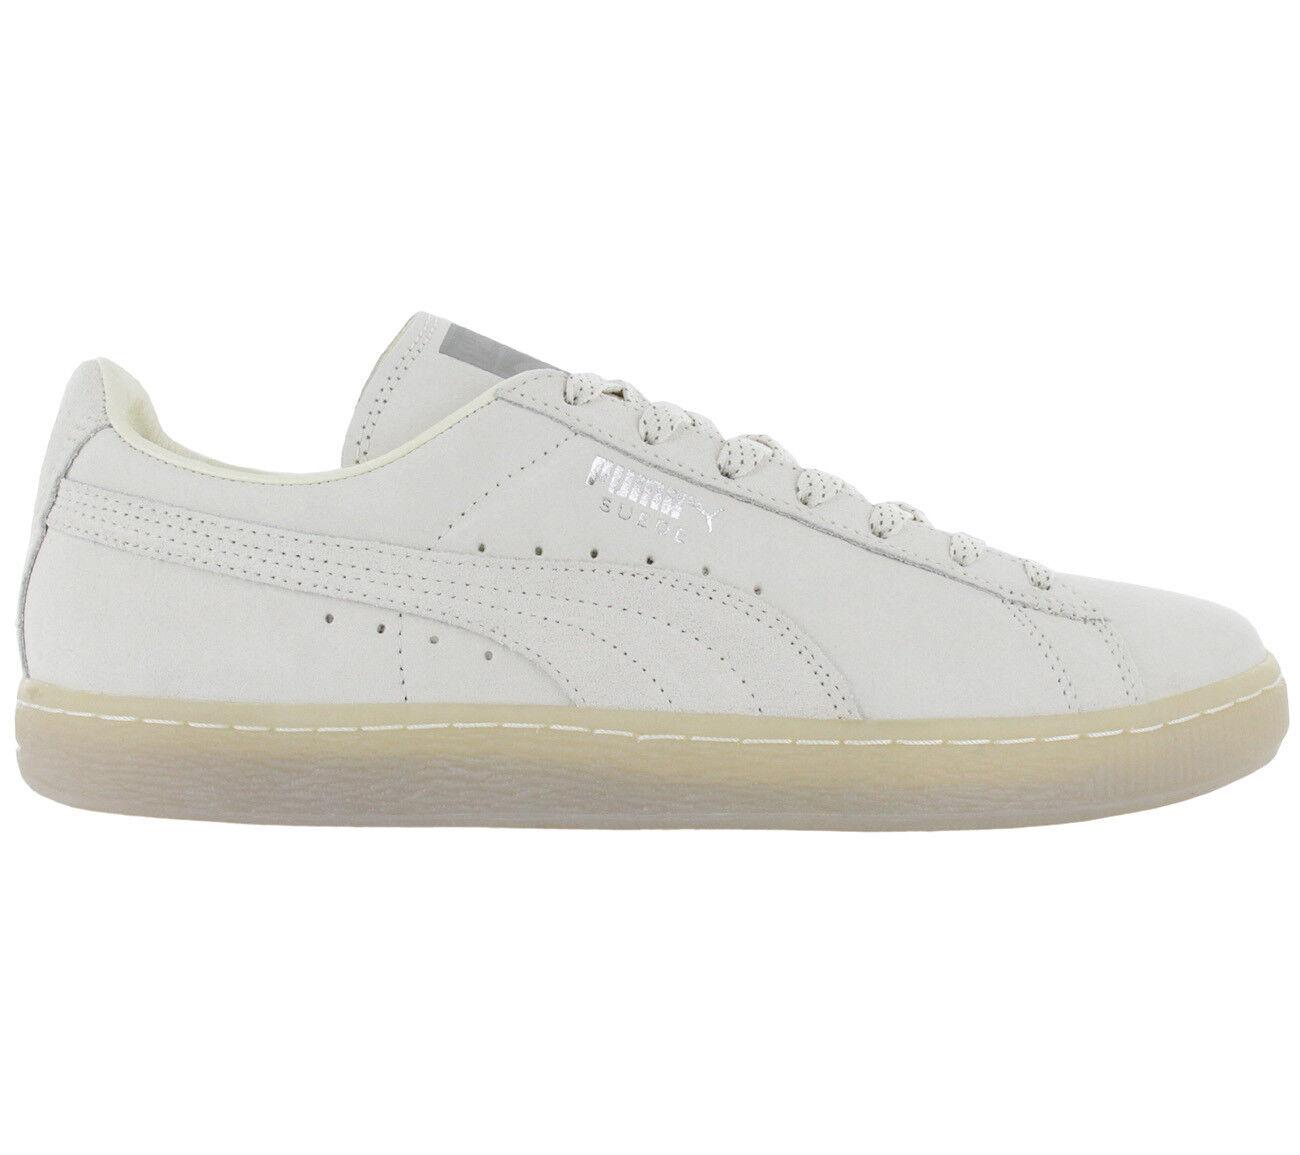 Puma Suede Classic mono Ref Iced zapatillas hombres zapatos gran de cuero blanco gris gran zapatos descuento f763b1